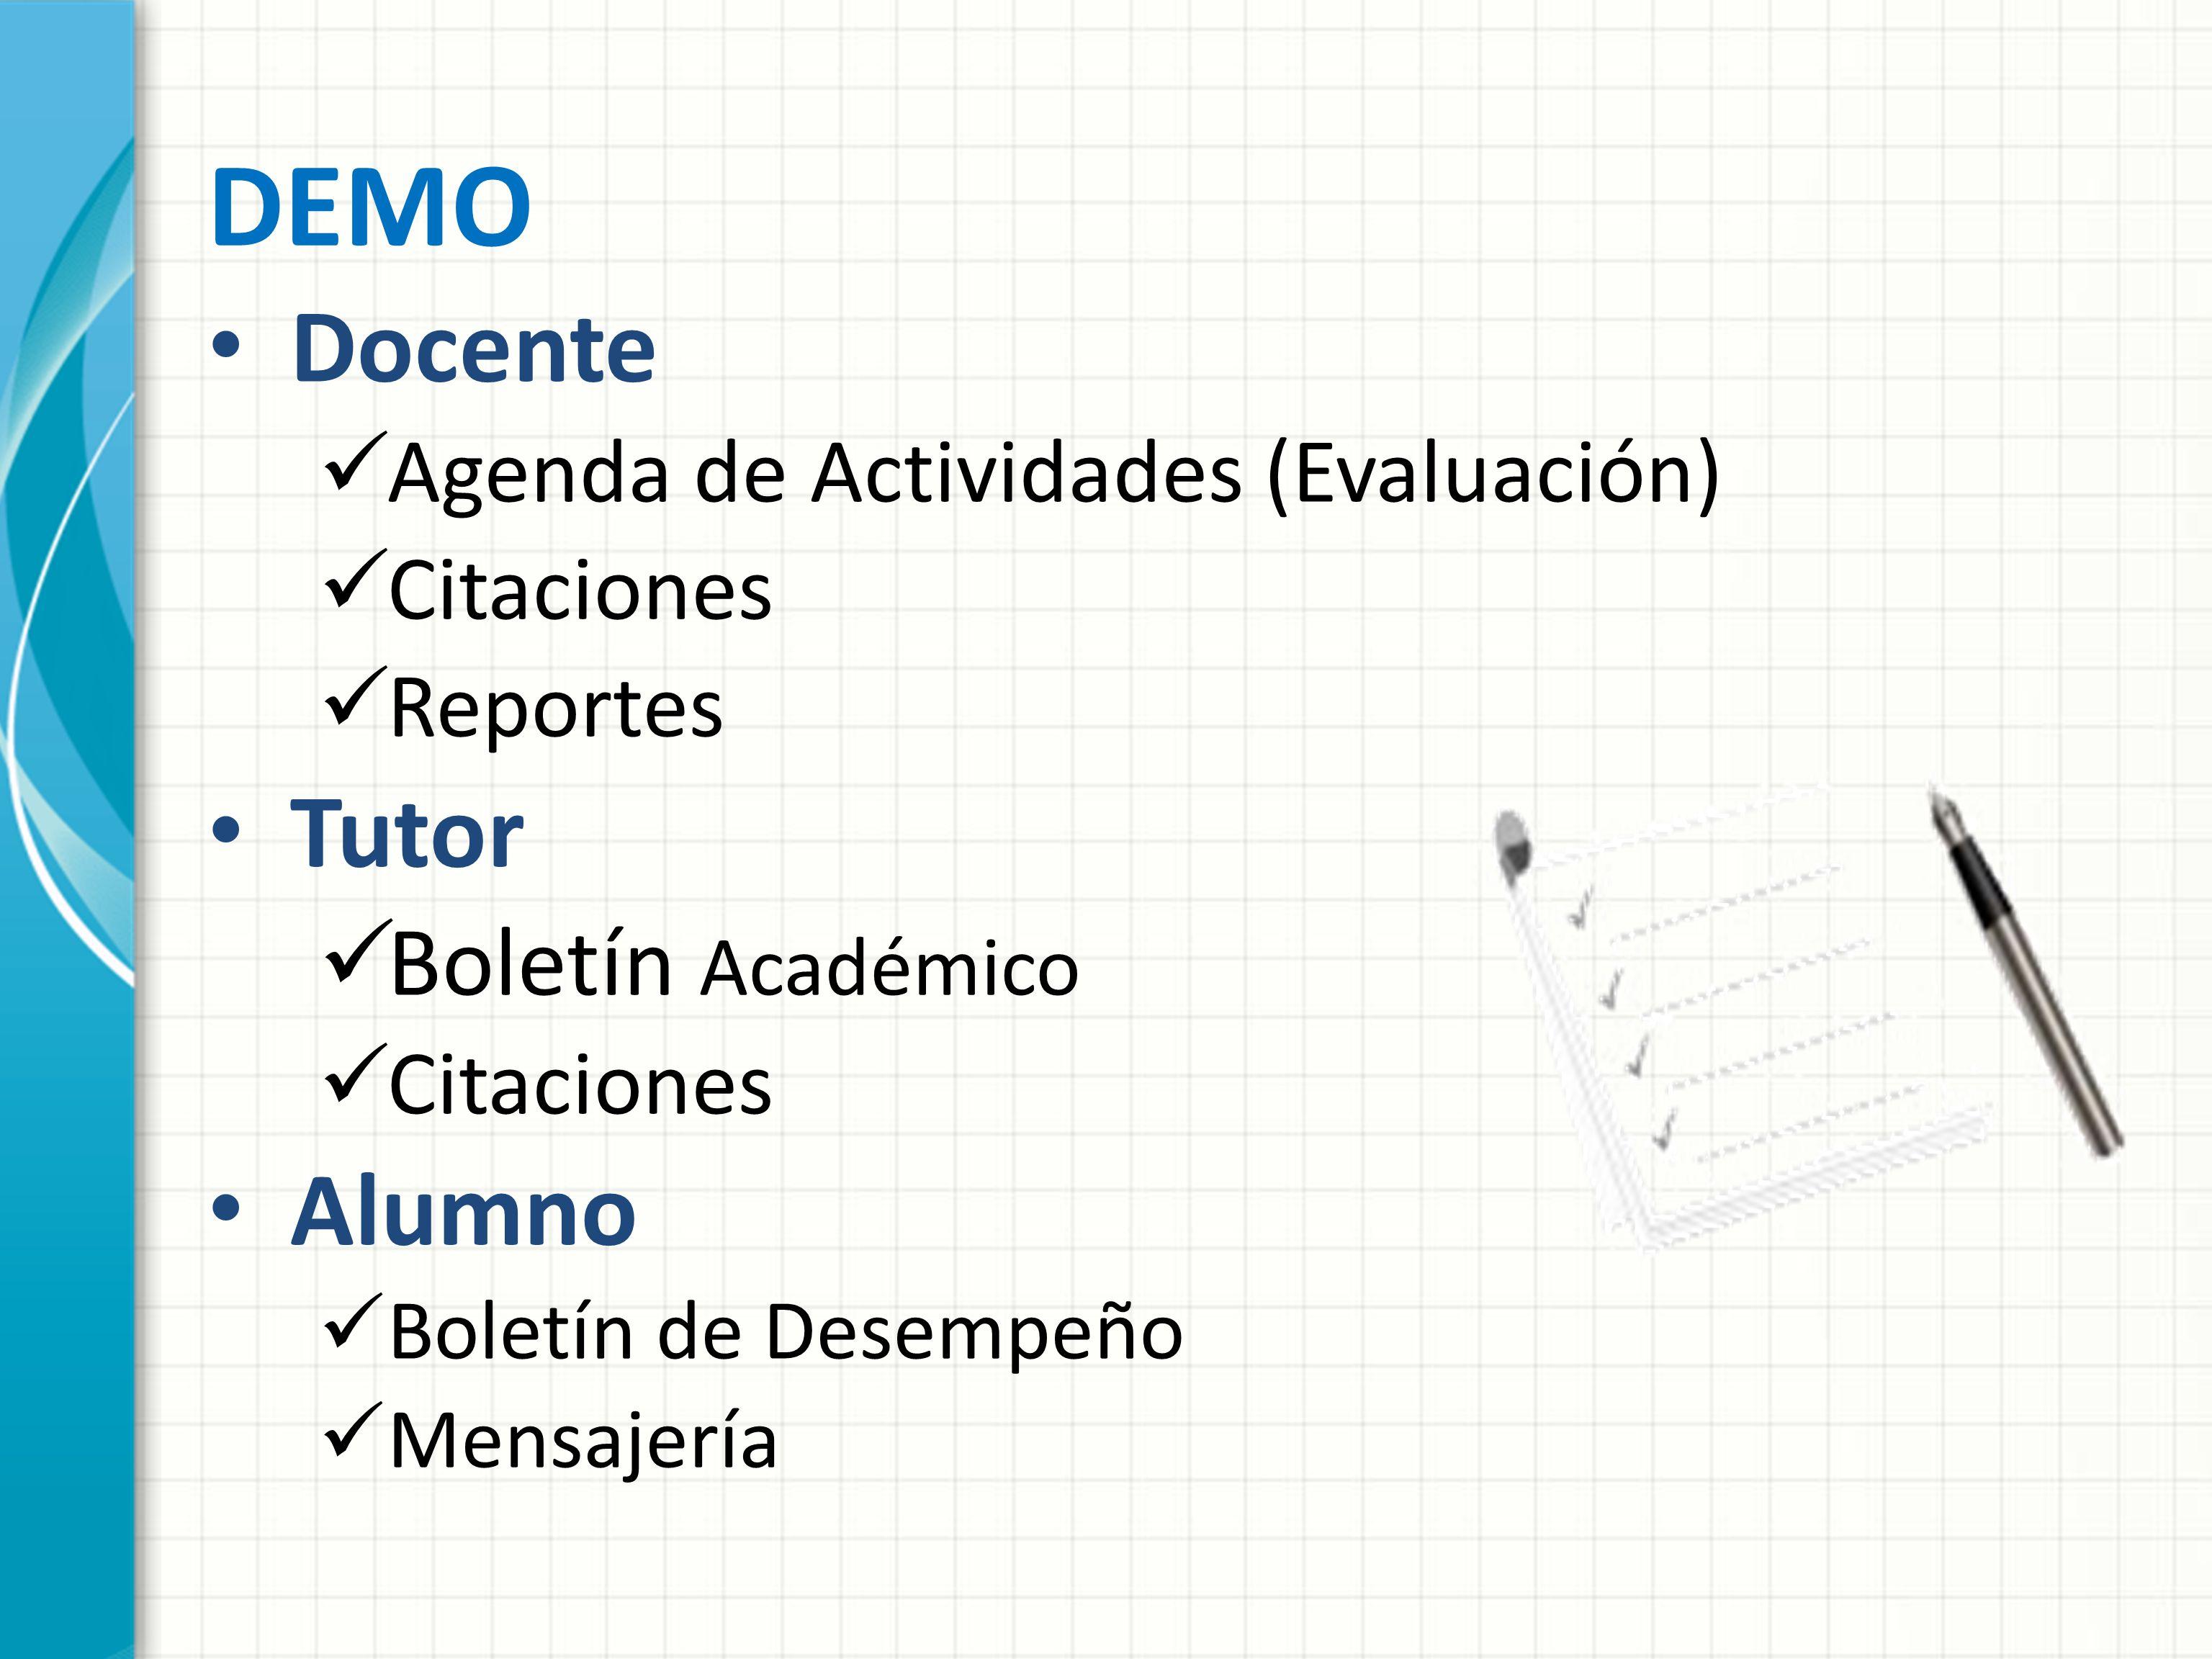 Docente Agenda de Actividades (Evaluación) Citaciones Reportes Tutor Boletín Académico Citaciones Alumno Boletín de Desempeño Mensajería